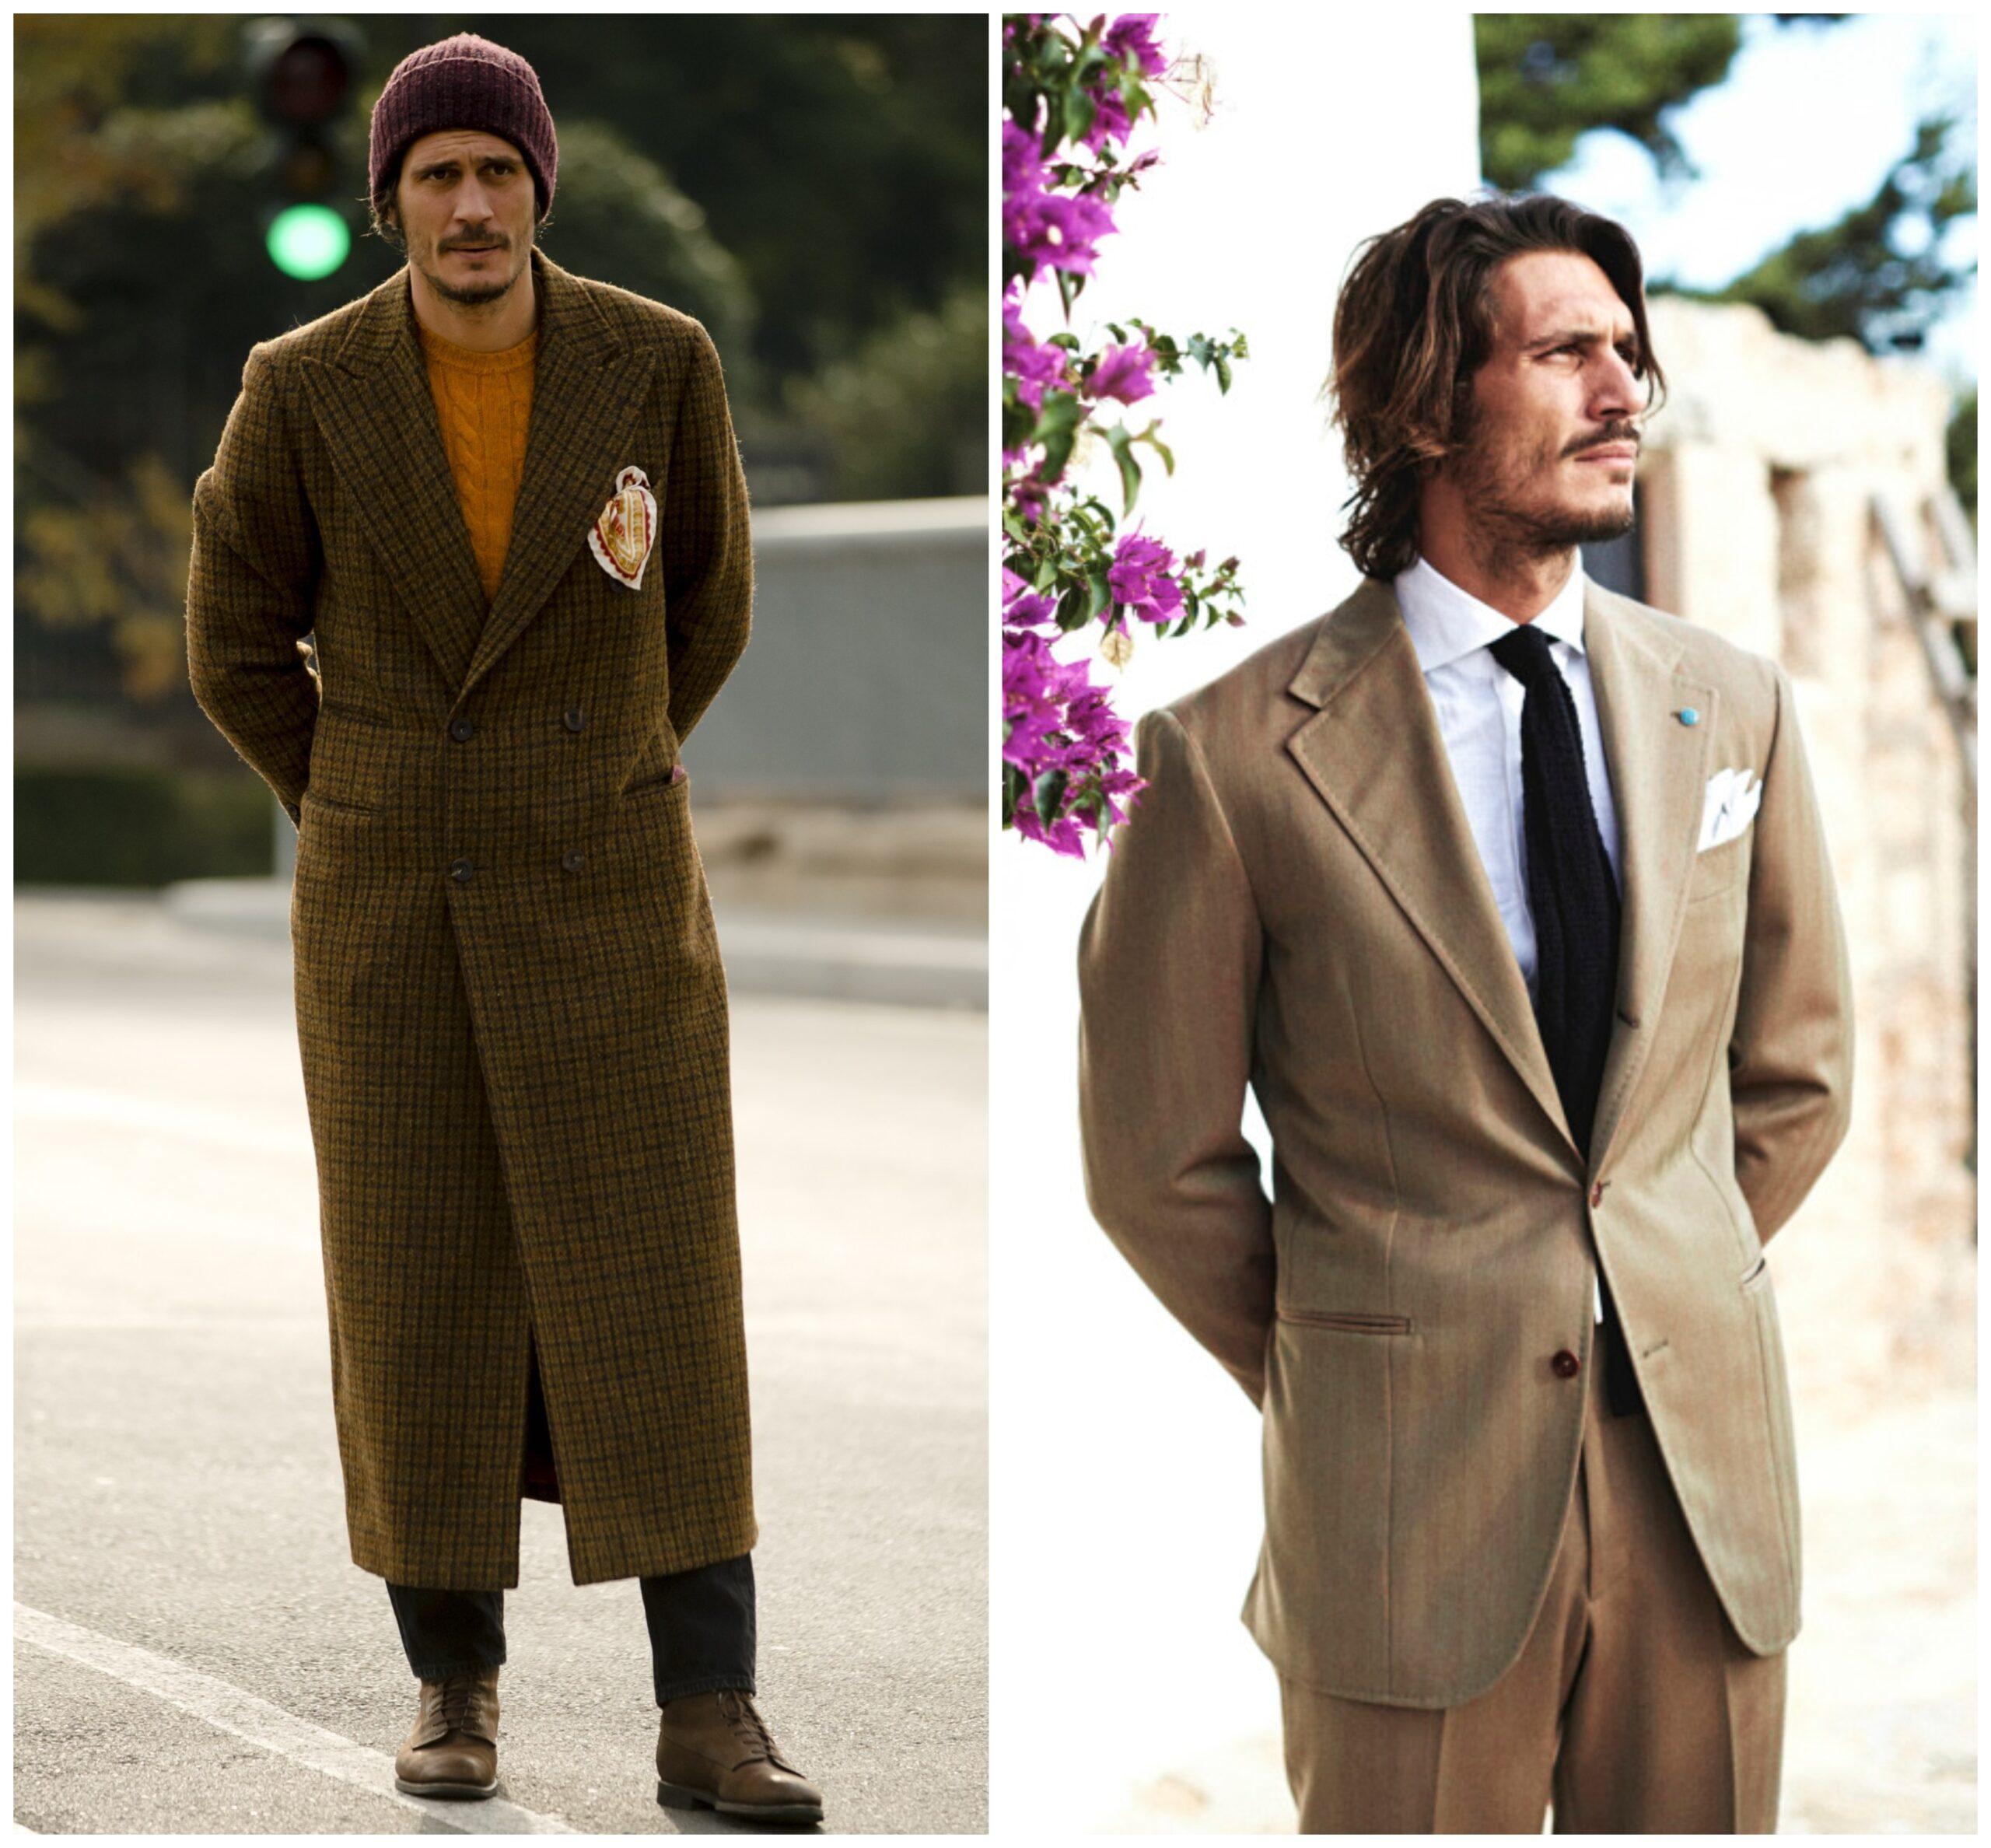 Le manteau est complèment raté. Pourtant le type a un bon physique.